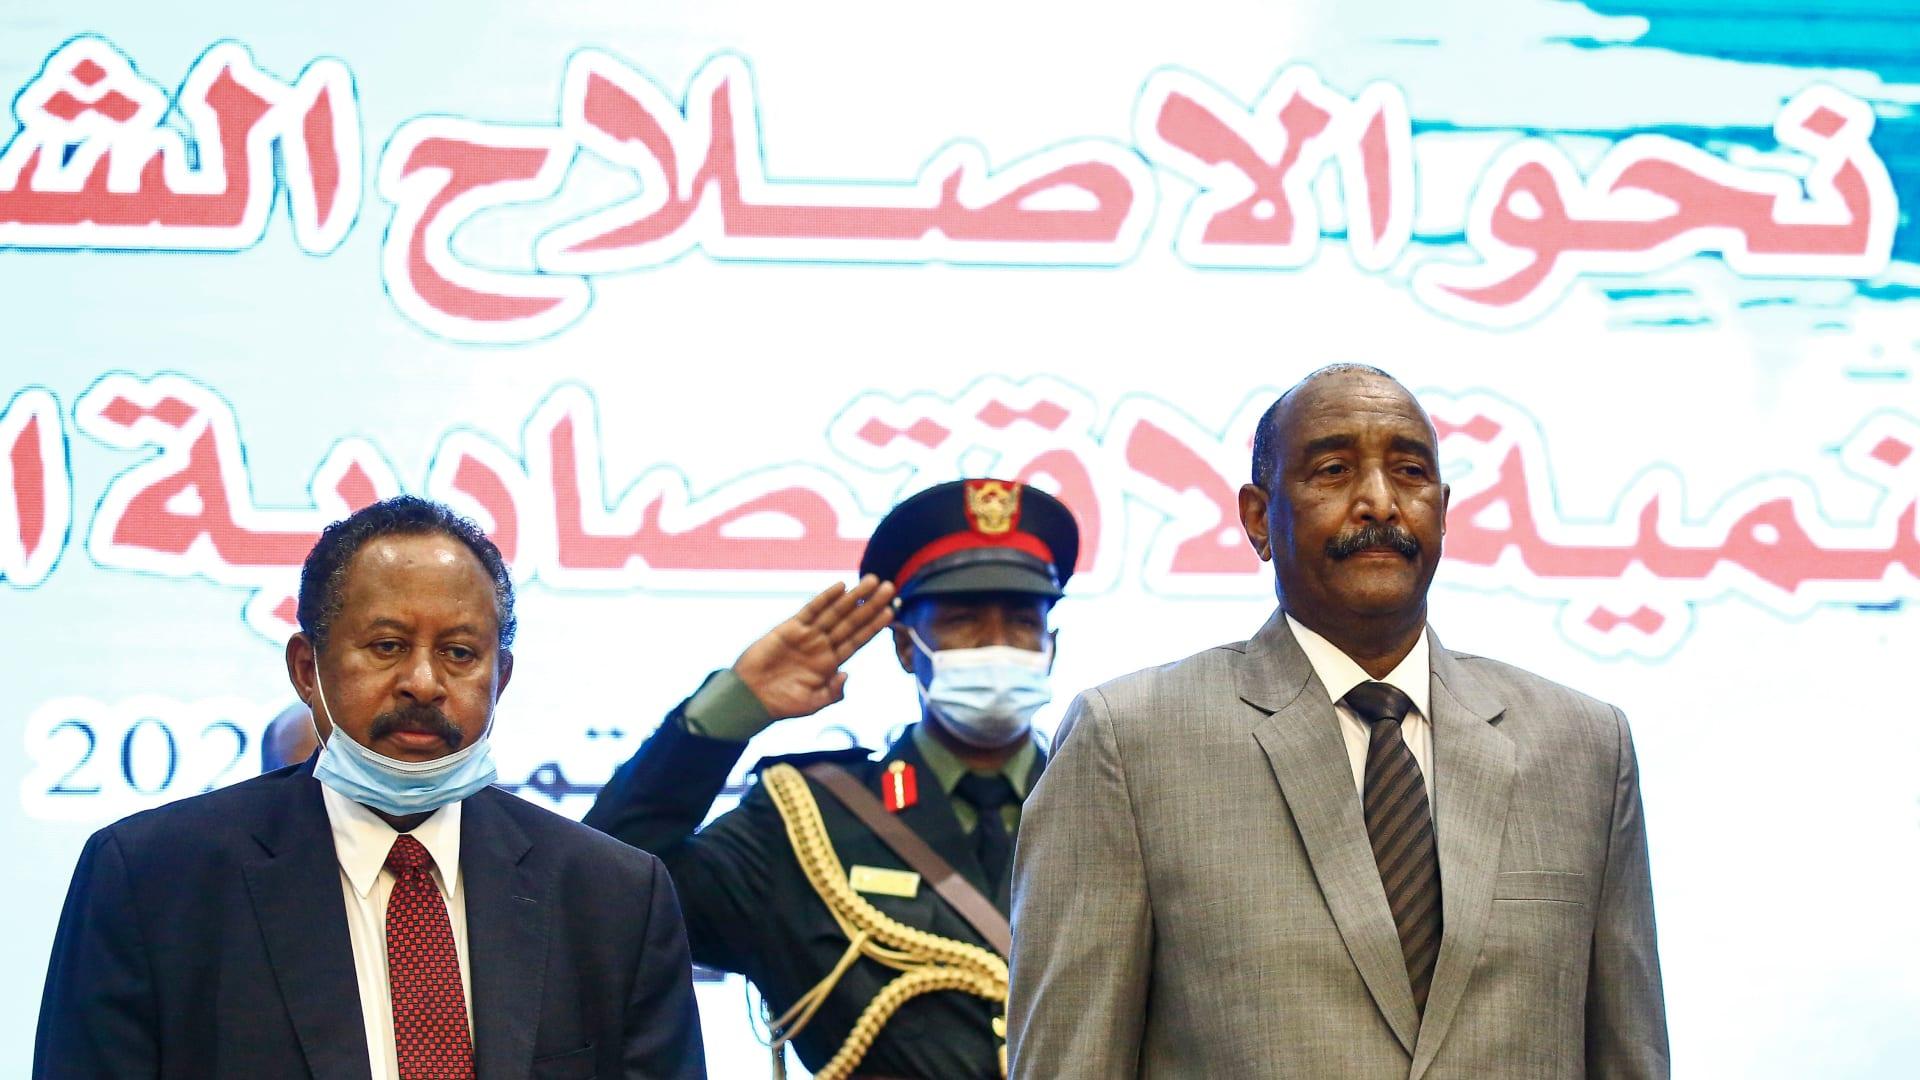 السودان: تجمع المهنيين يدعو لإنهاء شراكة الجيش وسط تفاقم الخلاف مع المدنيين